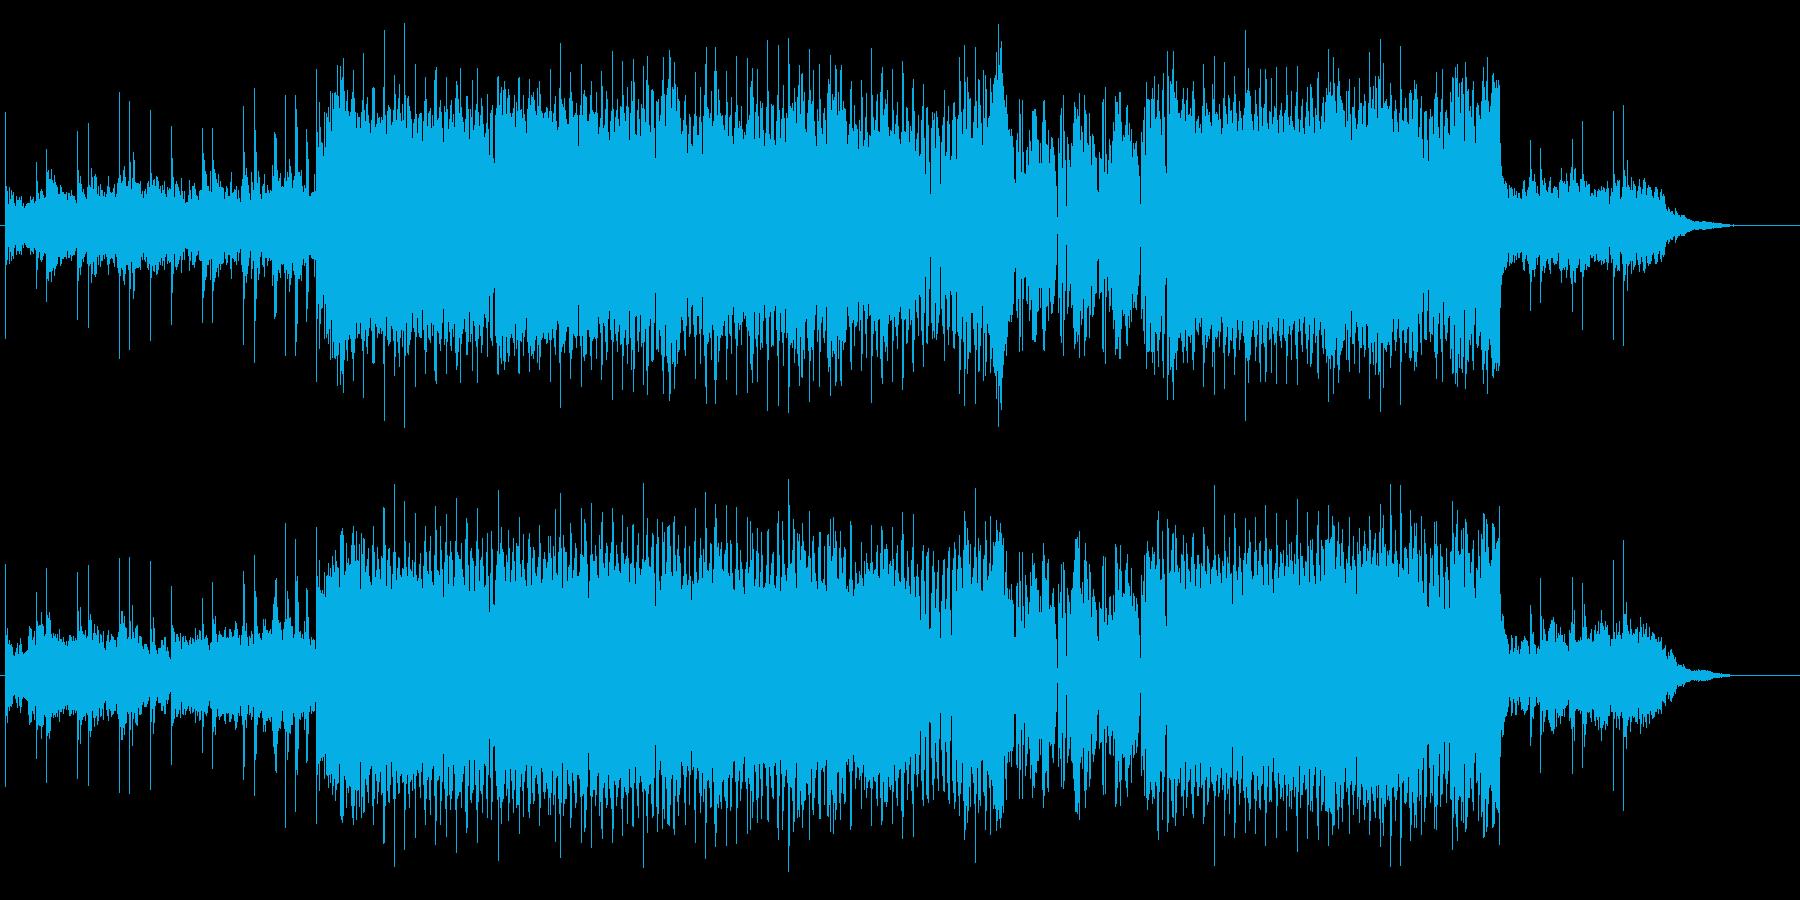 トランス調のクールな曲の再生済みの波形